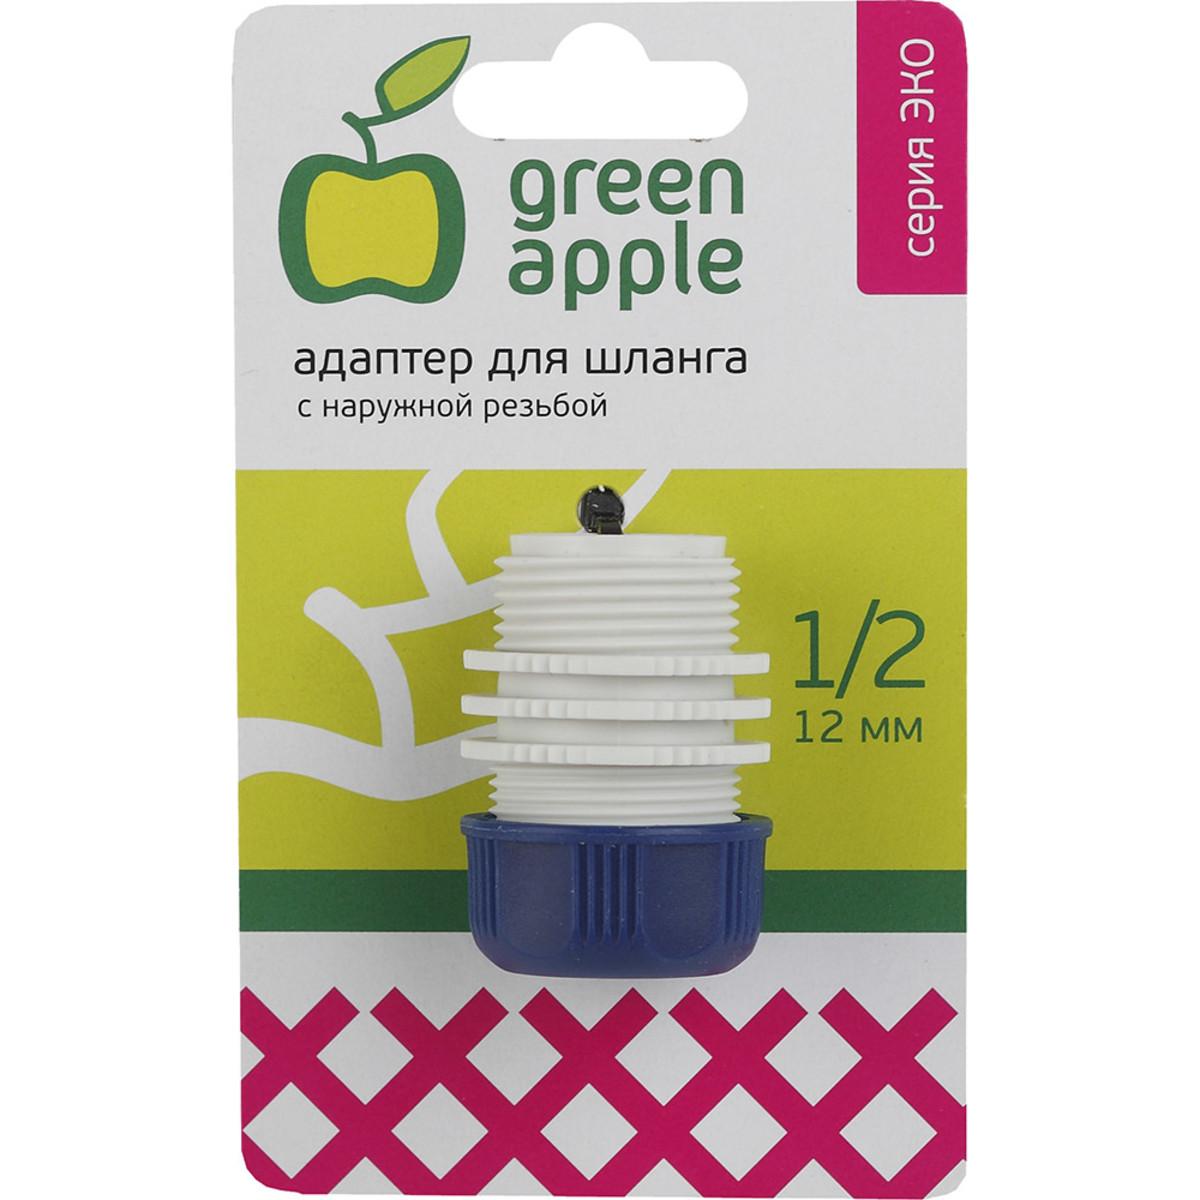 Адаптер для шланга GREEN APPLE Б0017775